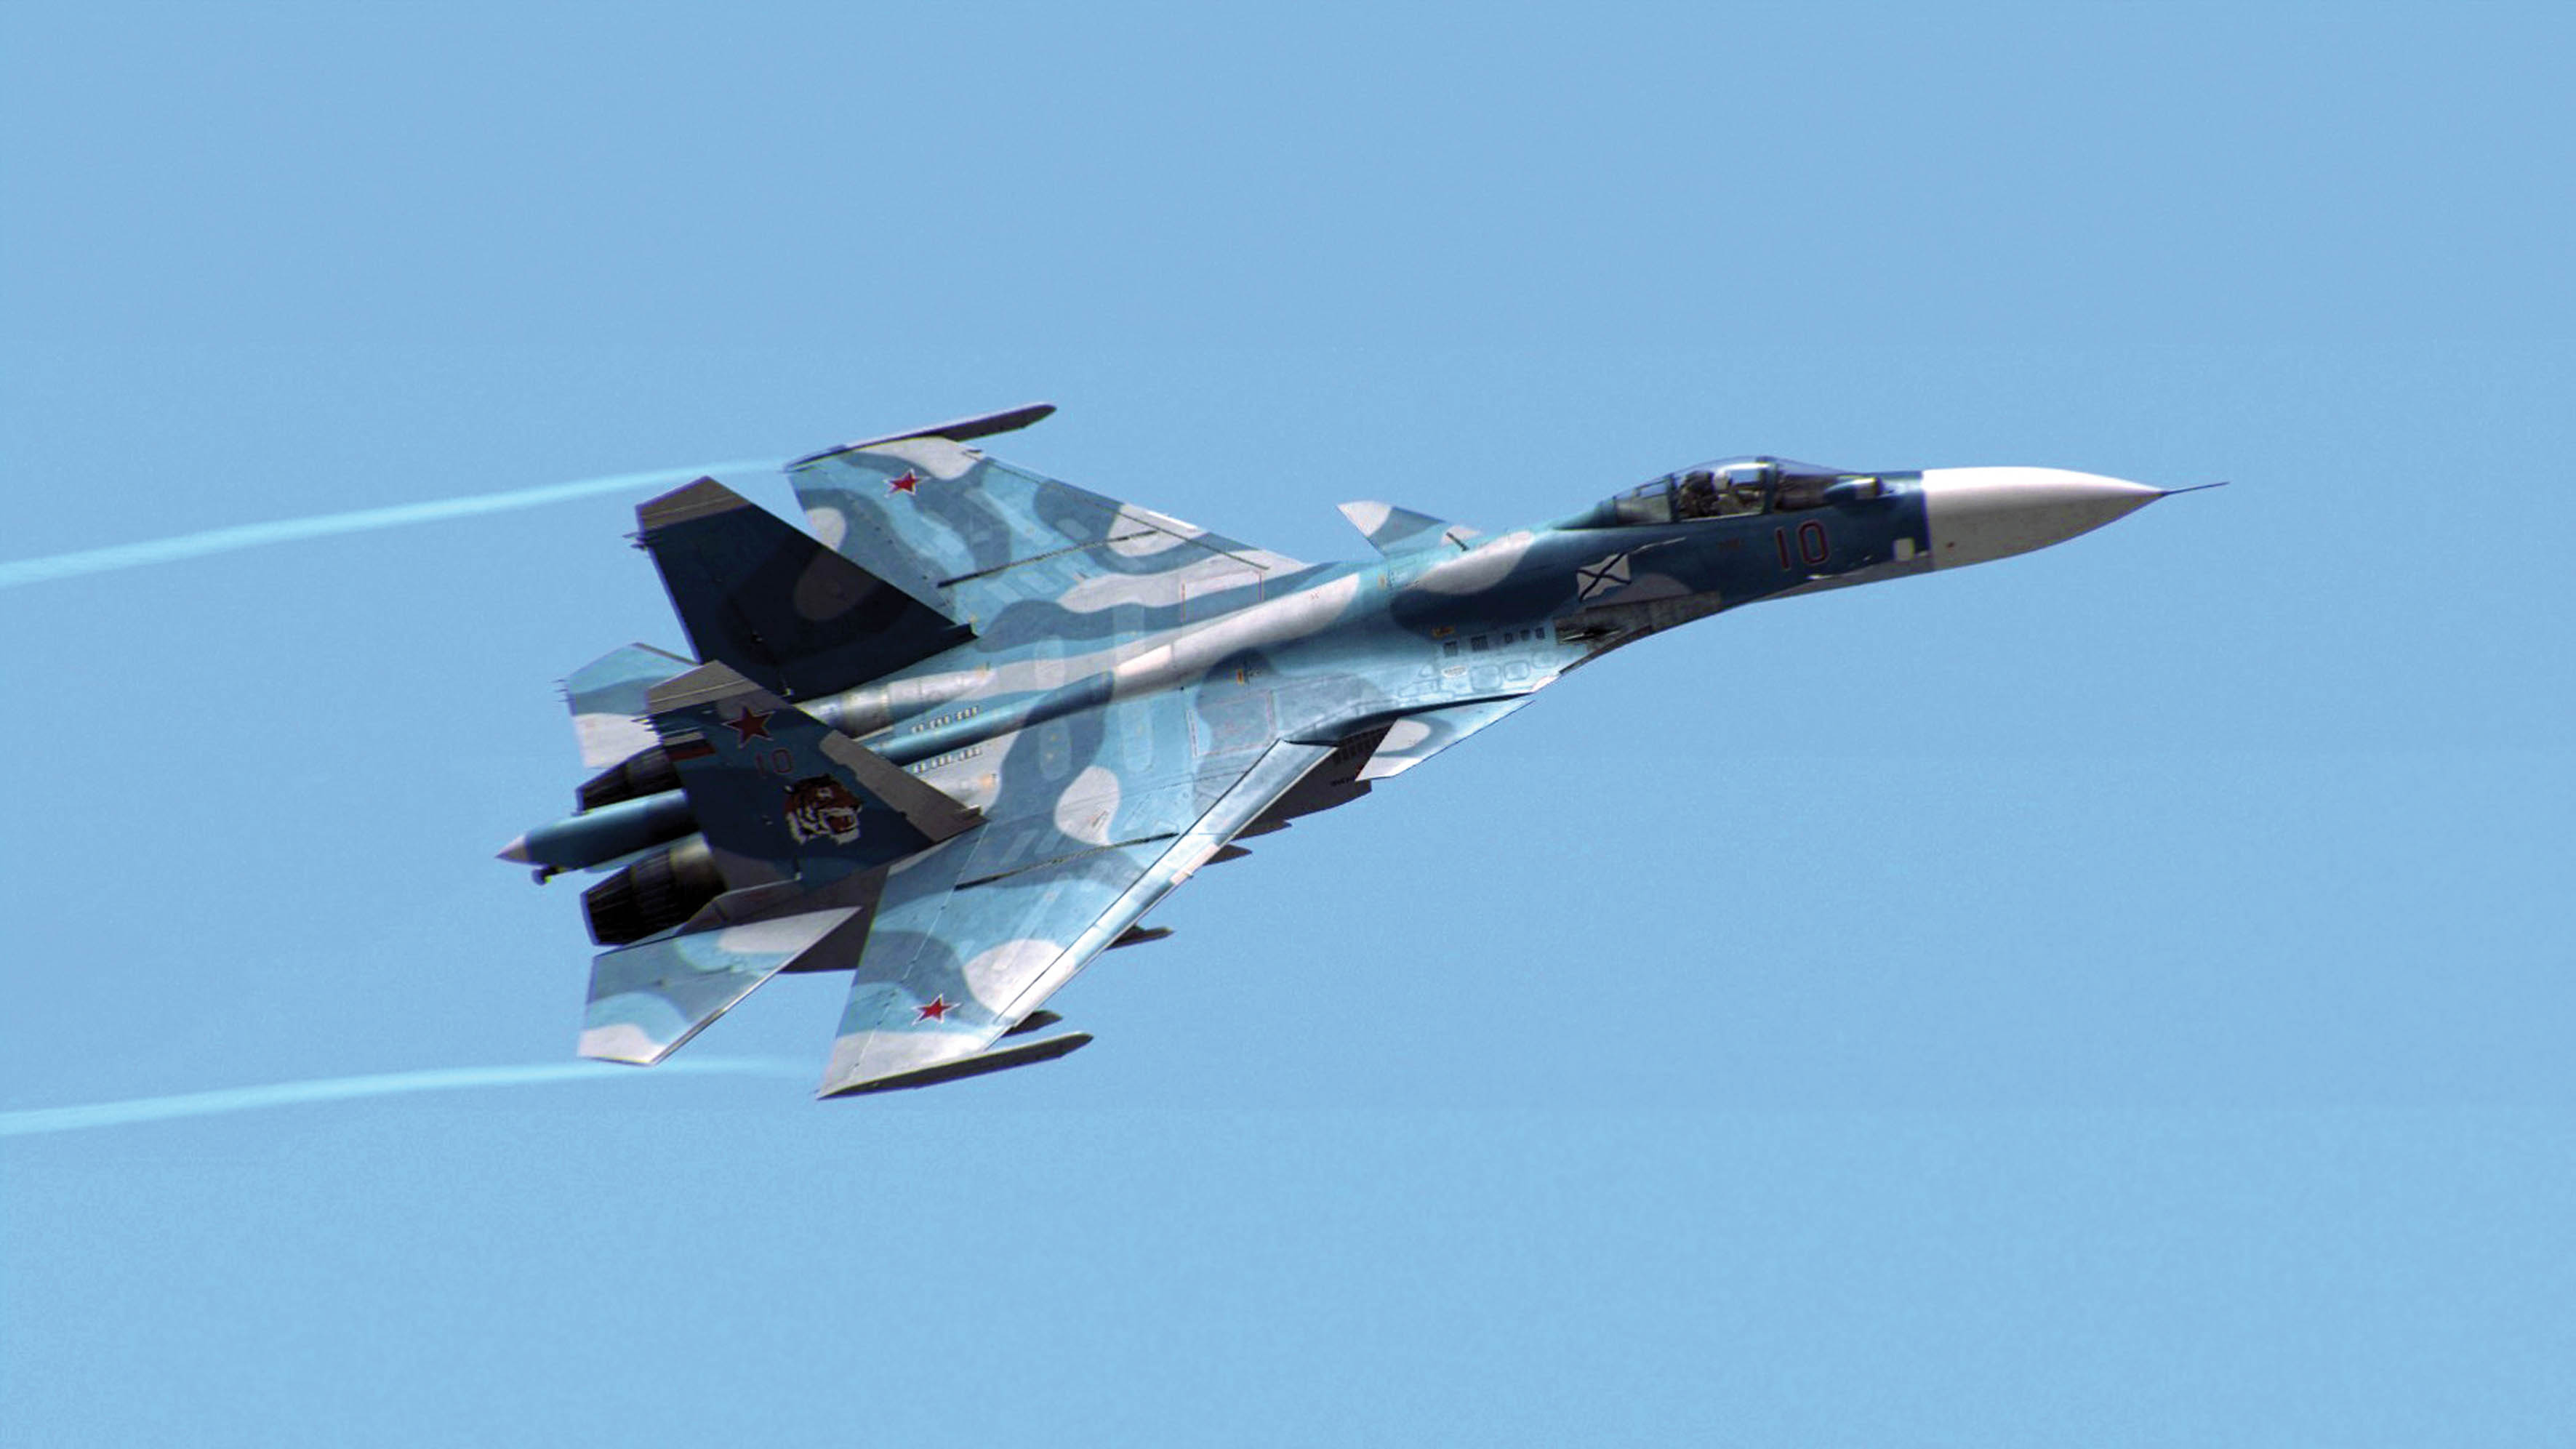 Loading su 33 flanker d carrier based fighter jet su 27 -  1 72 Sukhoi Su 33 Flanker D